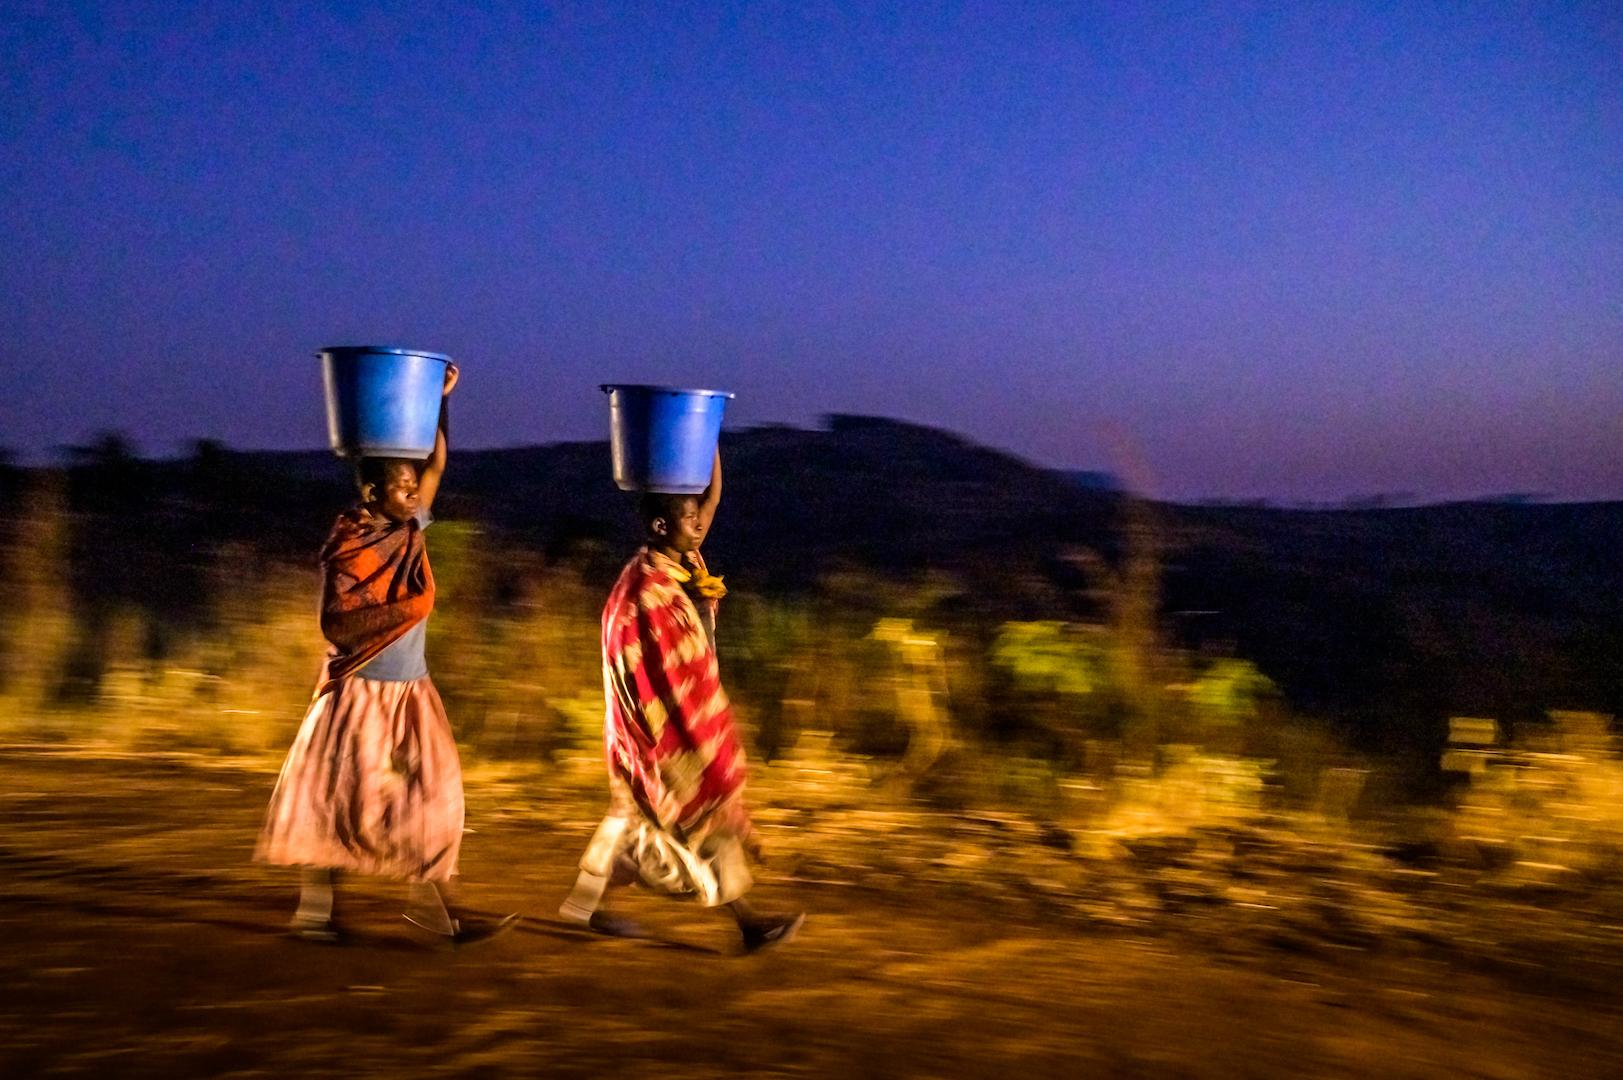 Twin sisters walk in the dark to gather water in Malawi.